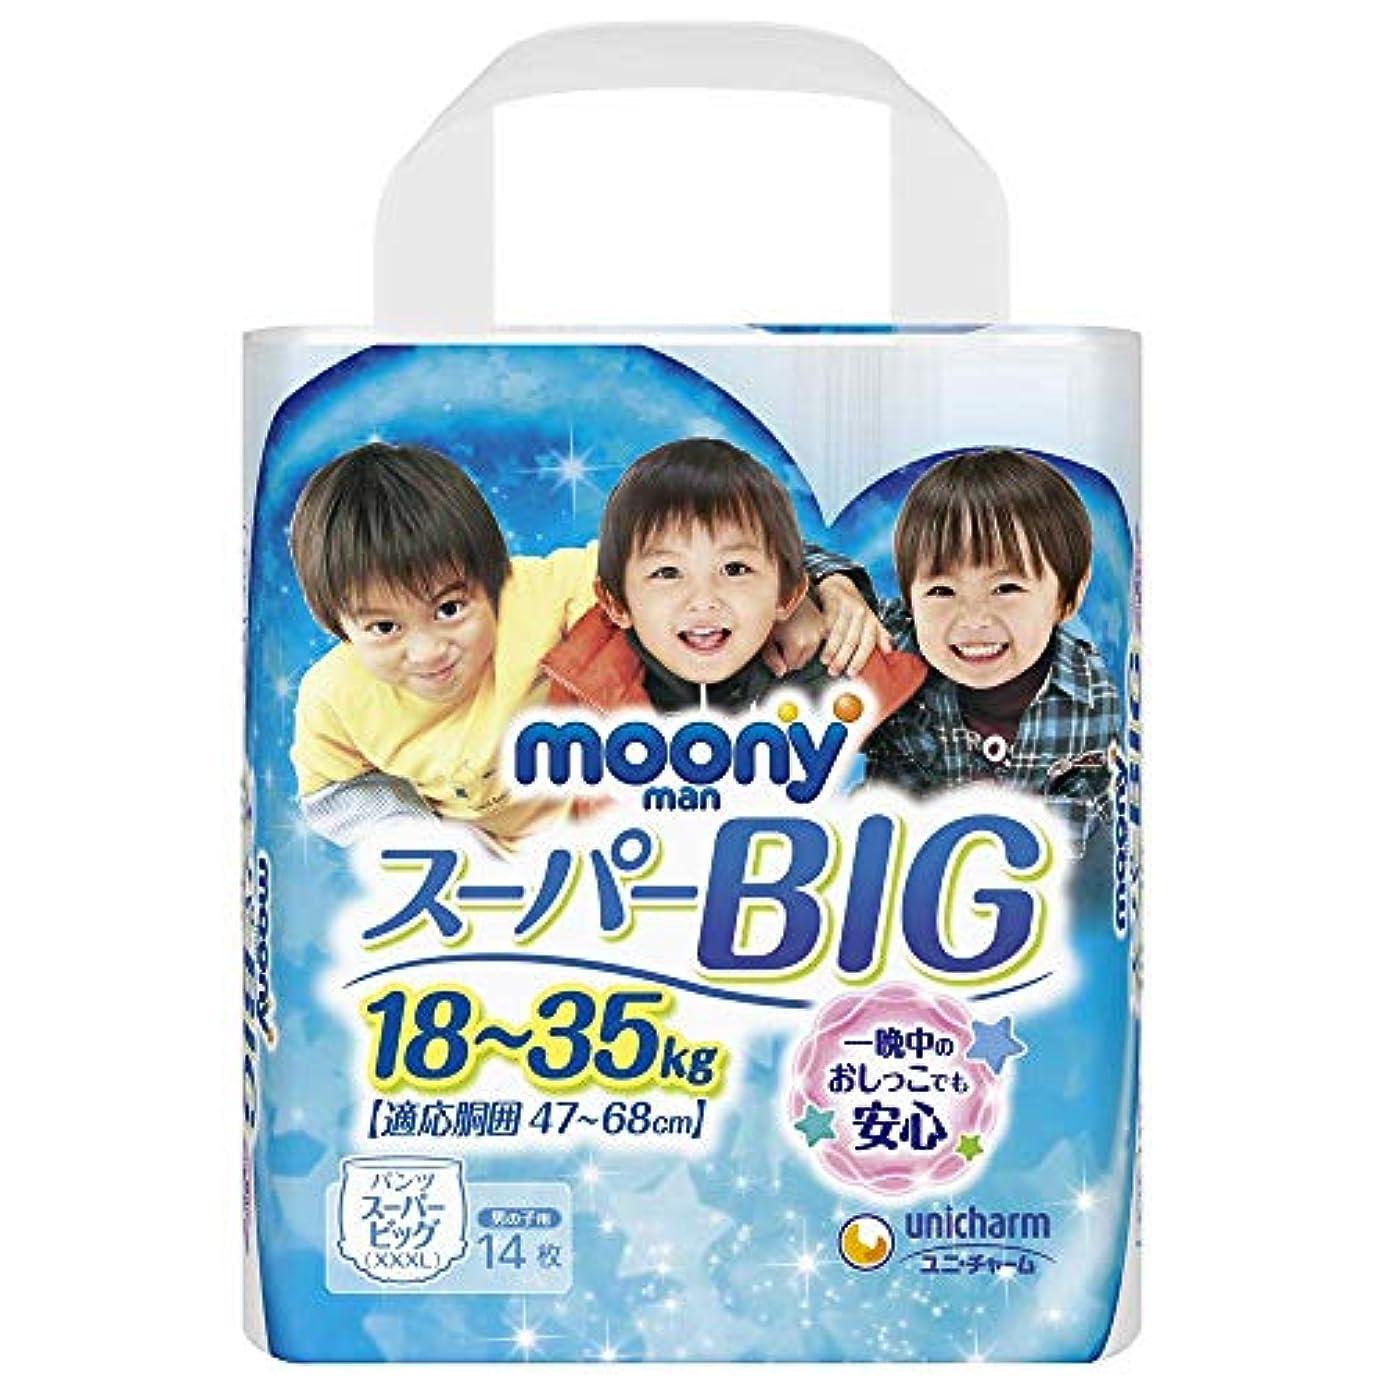 【まとめ買い】ムーニーマン スーパービッグ 男の子用 14枚 ×2セット